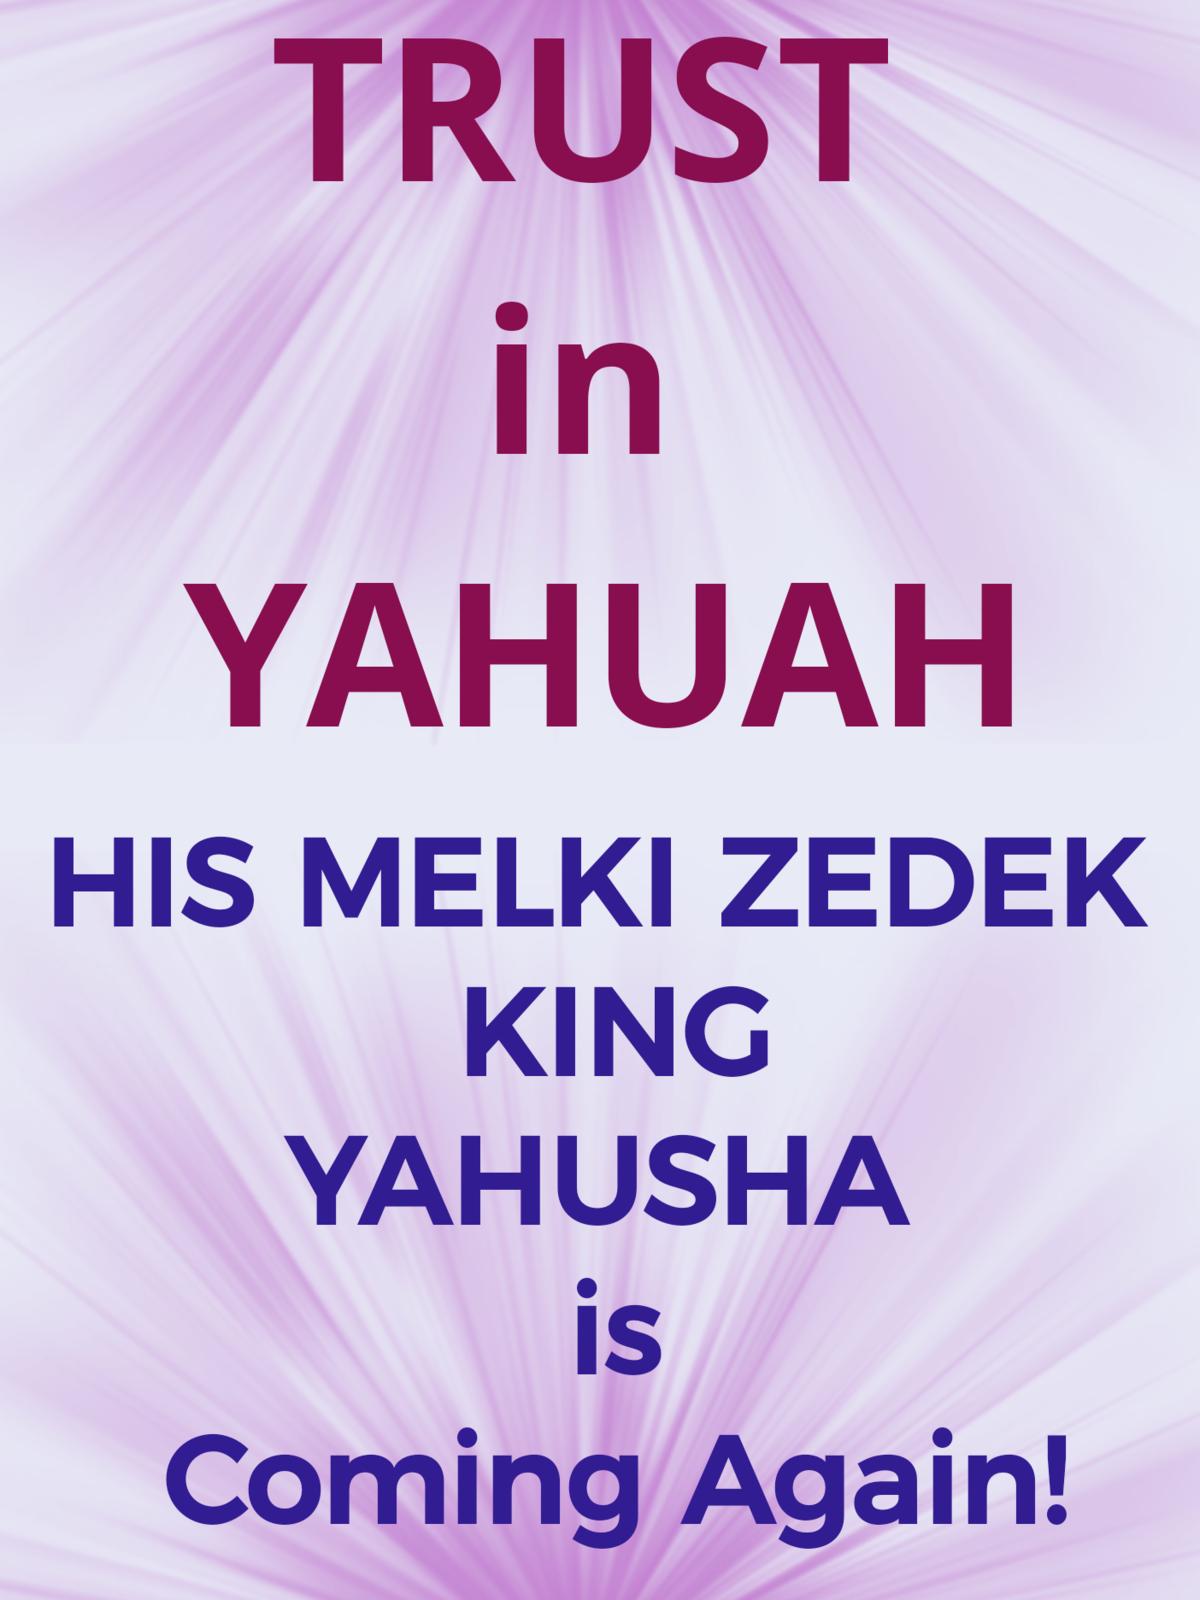 TRUST in YAHUAH...HIS MELKI ZEDEK KING YAHUSHA is COMING AGAIN!